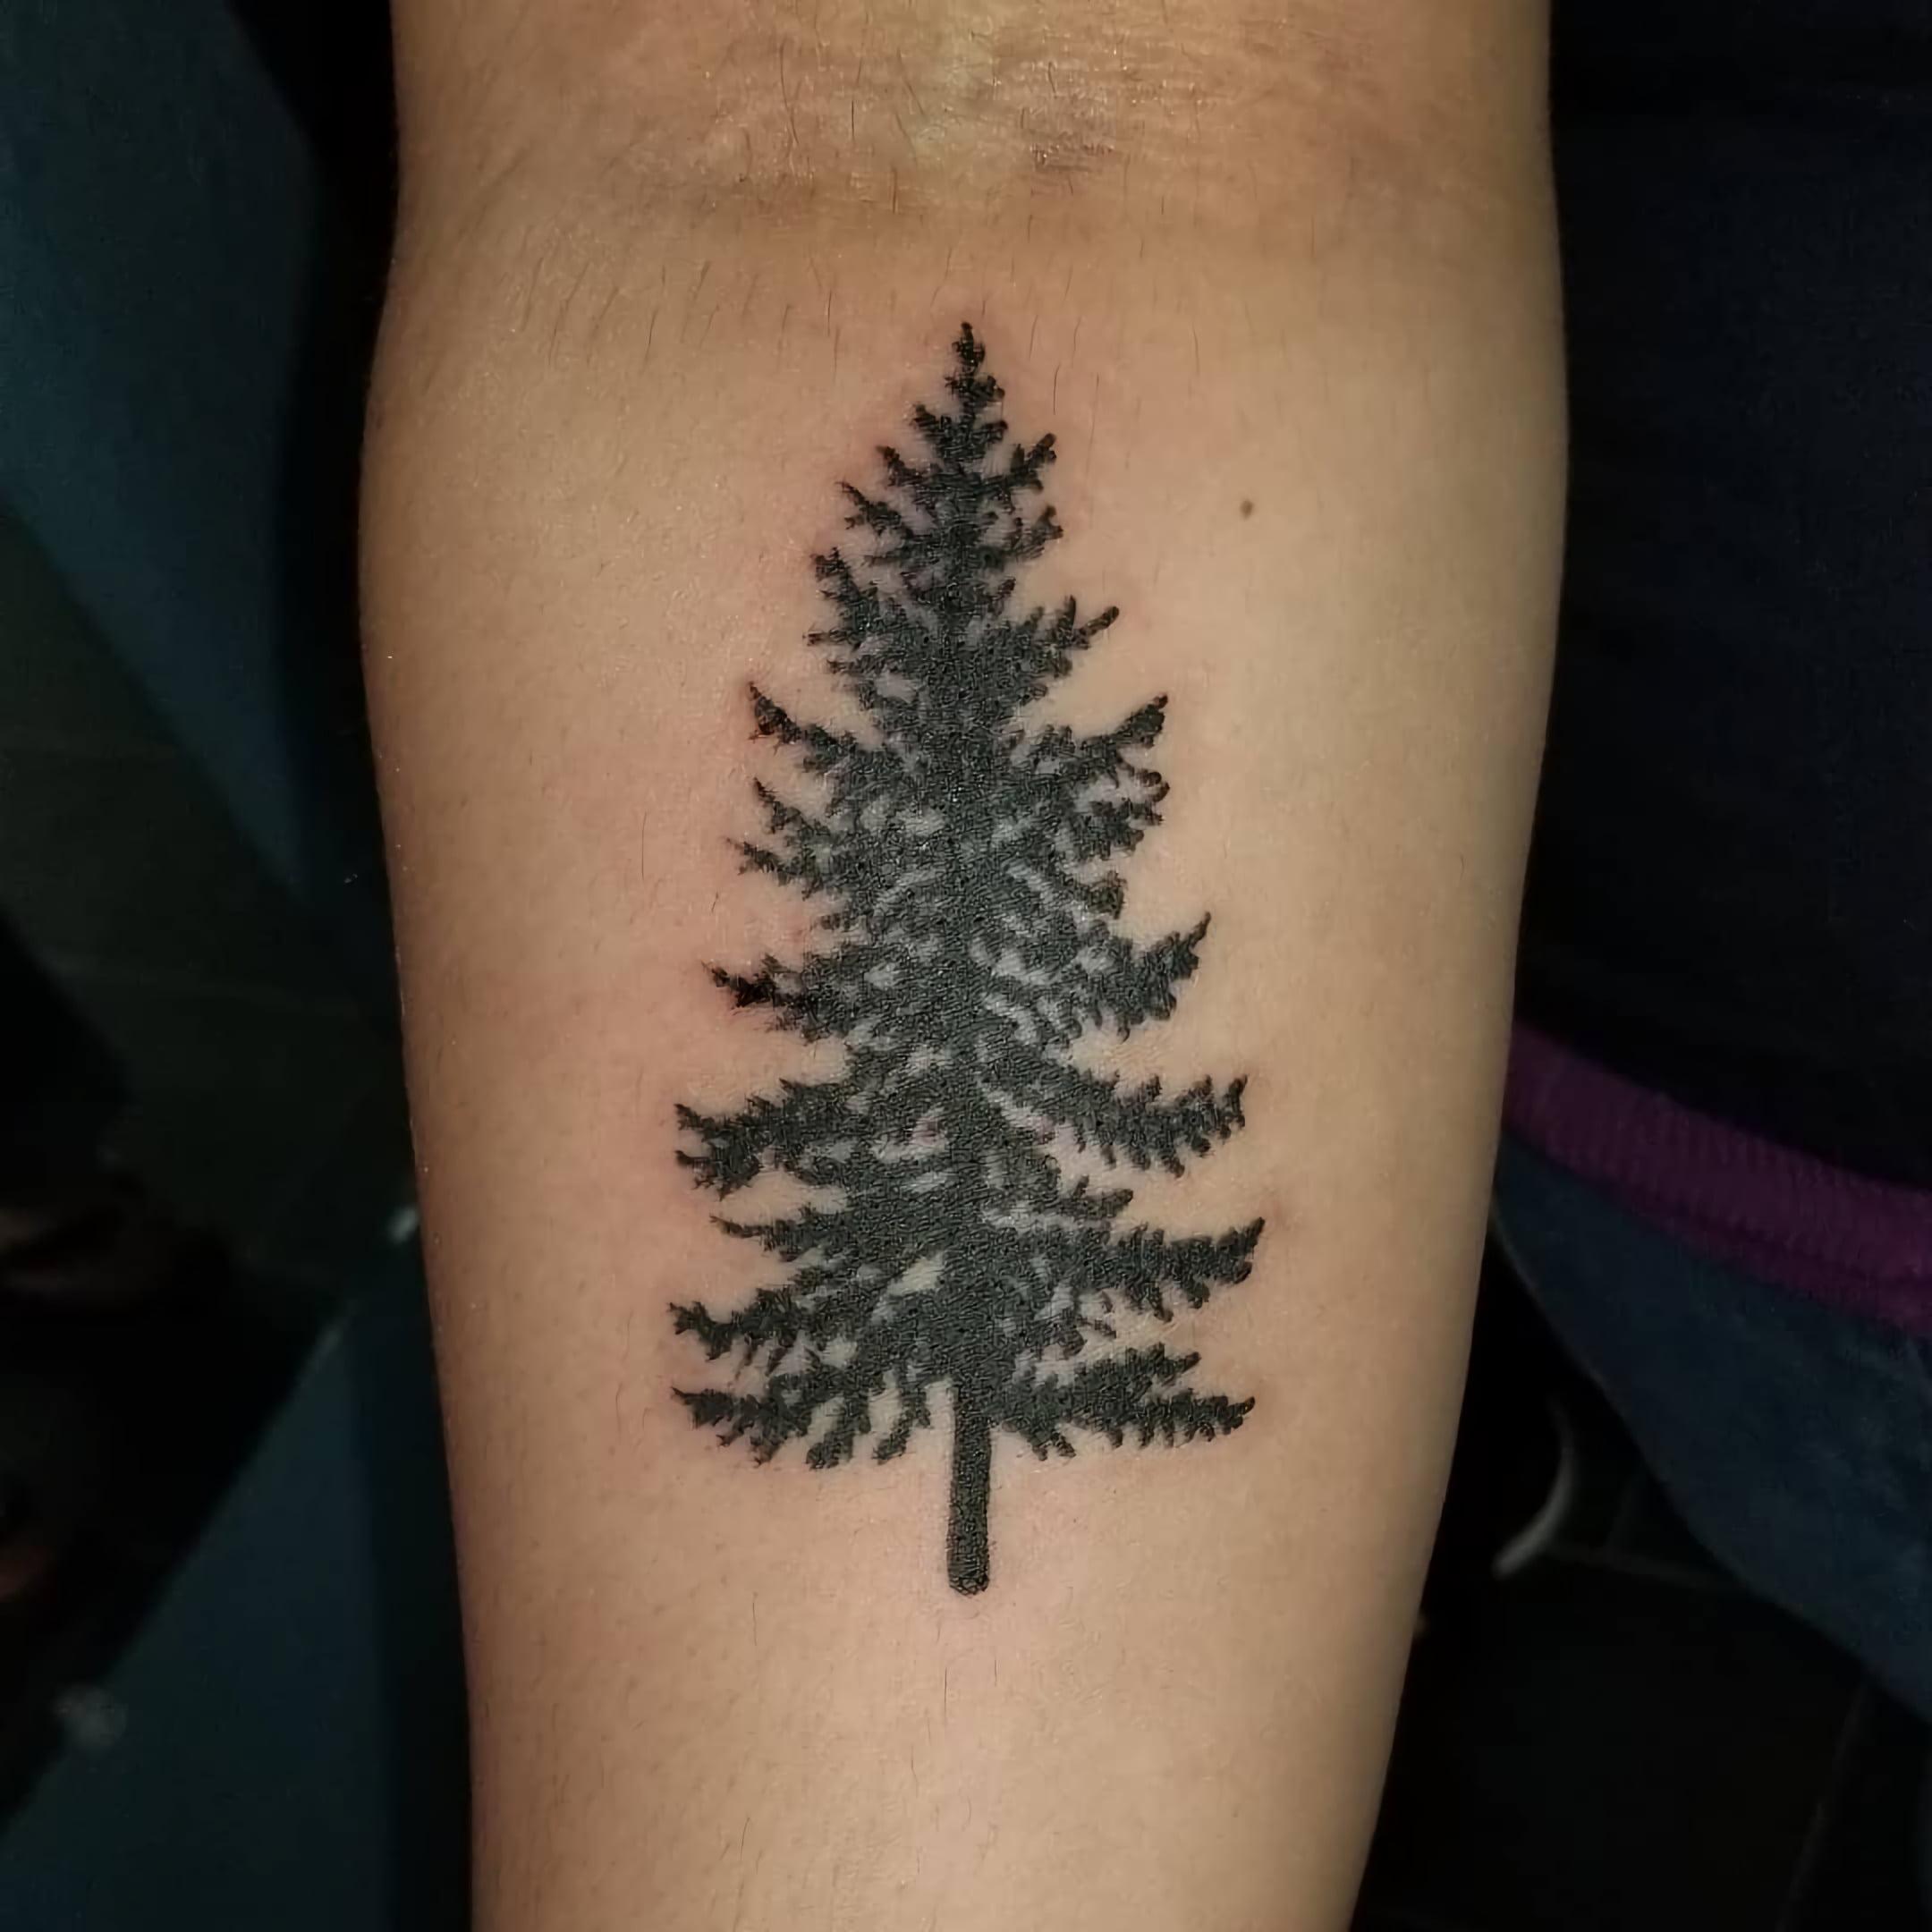 Татуировка с вечнозеленым деревом